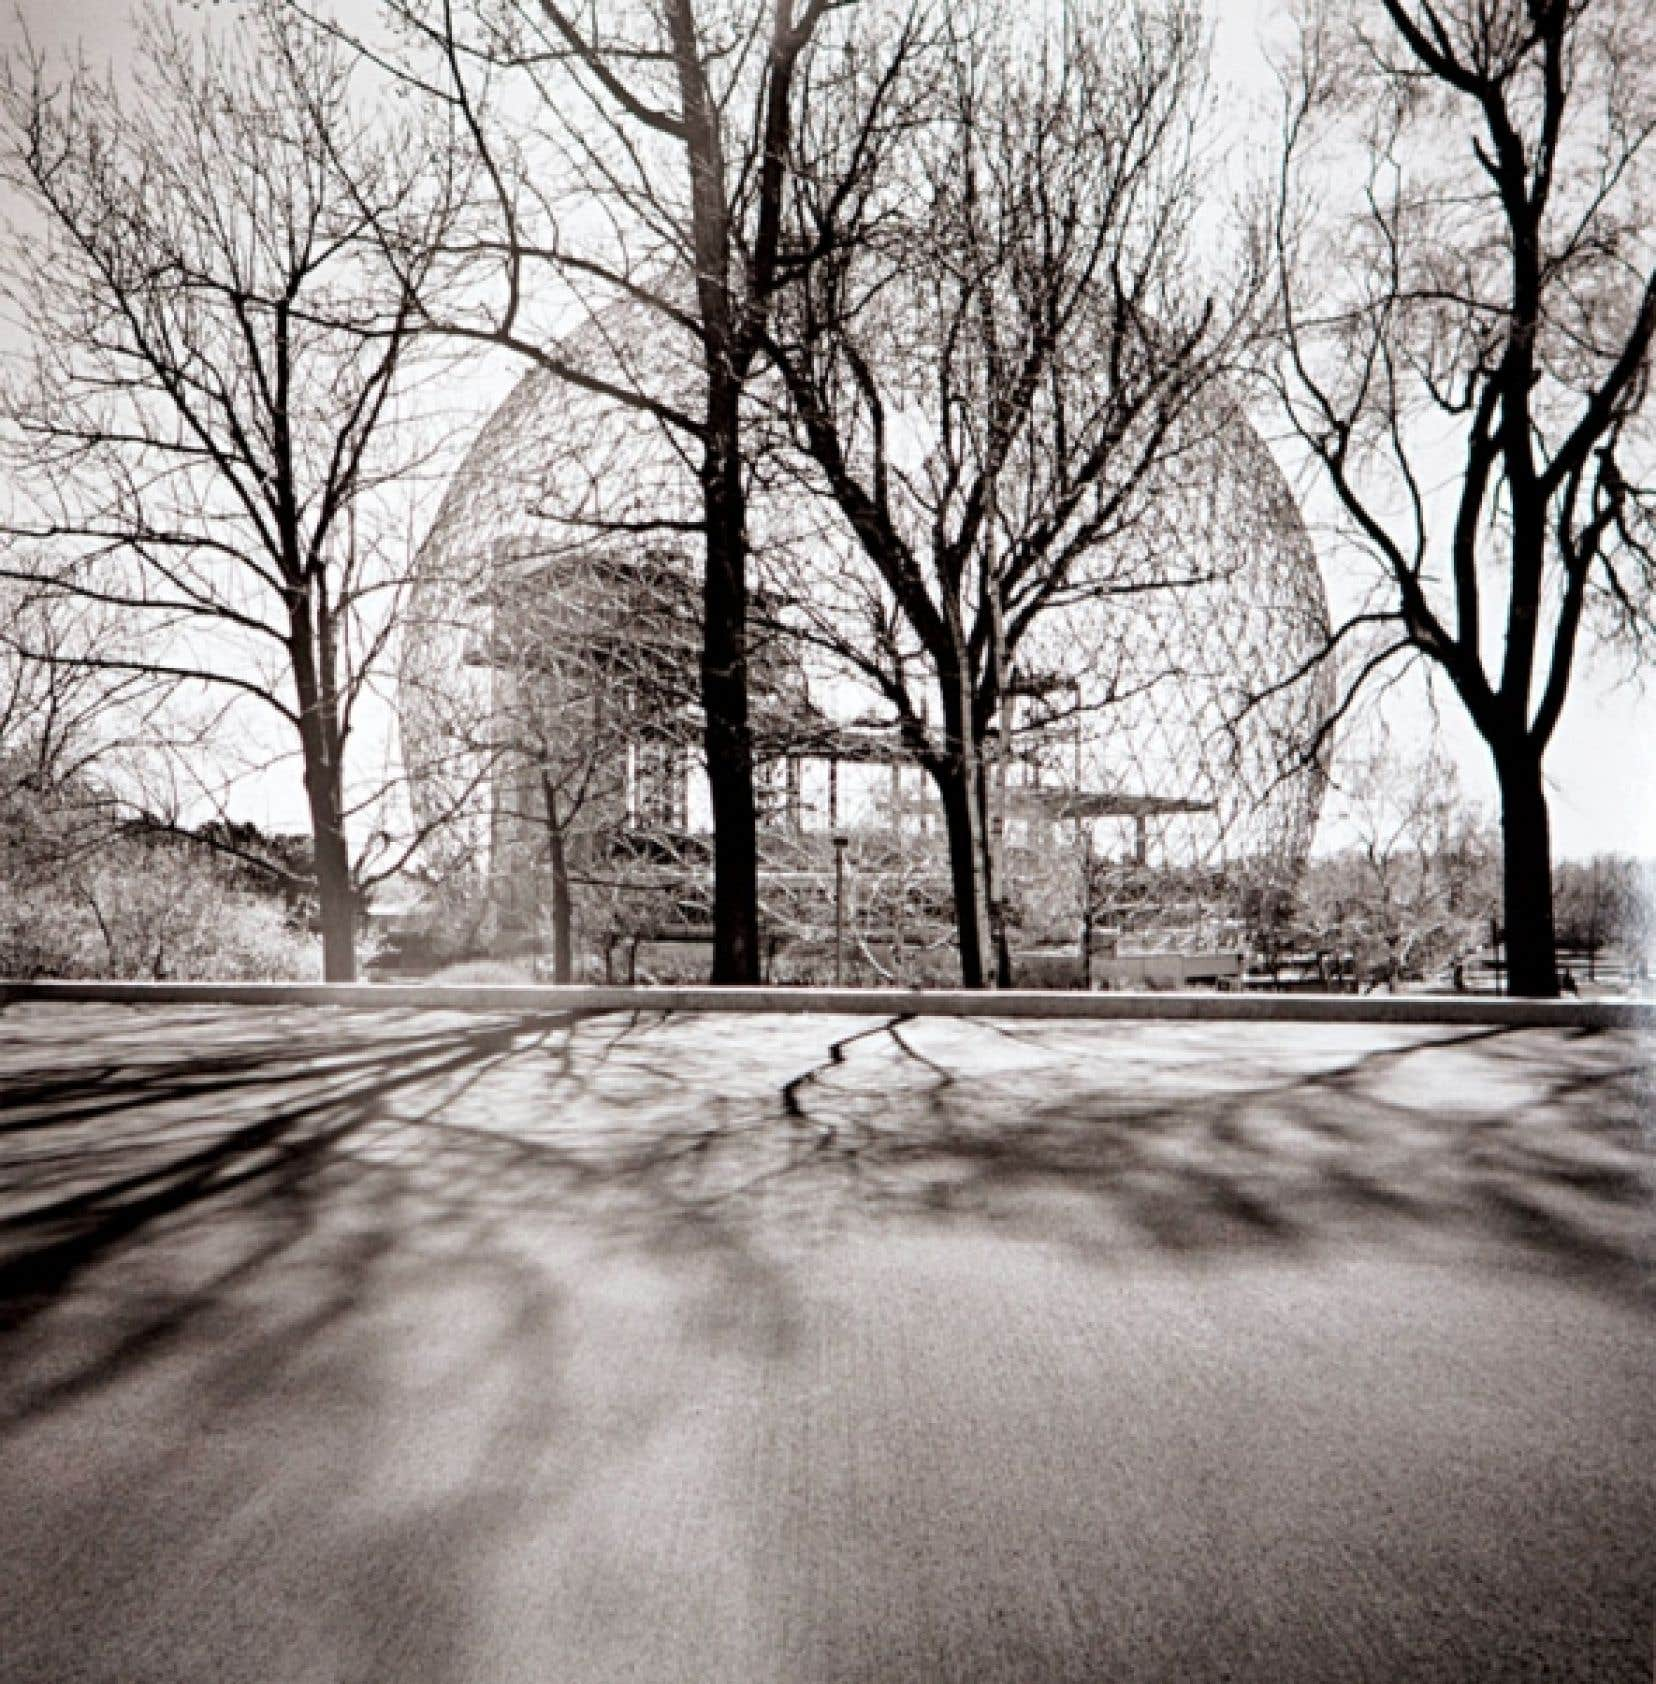 Mimmo Jodice, Montréal. Biosphère de l'île Sainte-Hélène, 2012. Avec l'autorisation de la galerie Karsten Greve à Cologne et à Paris. « Le plus important, c'est de rendre mes images intemporelles, métaphysiques, surréelles. »